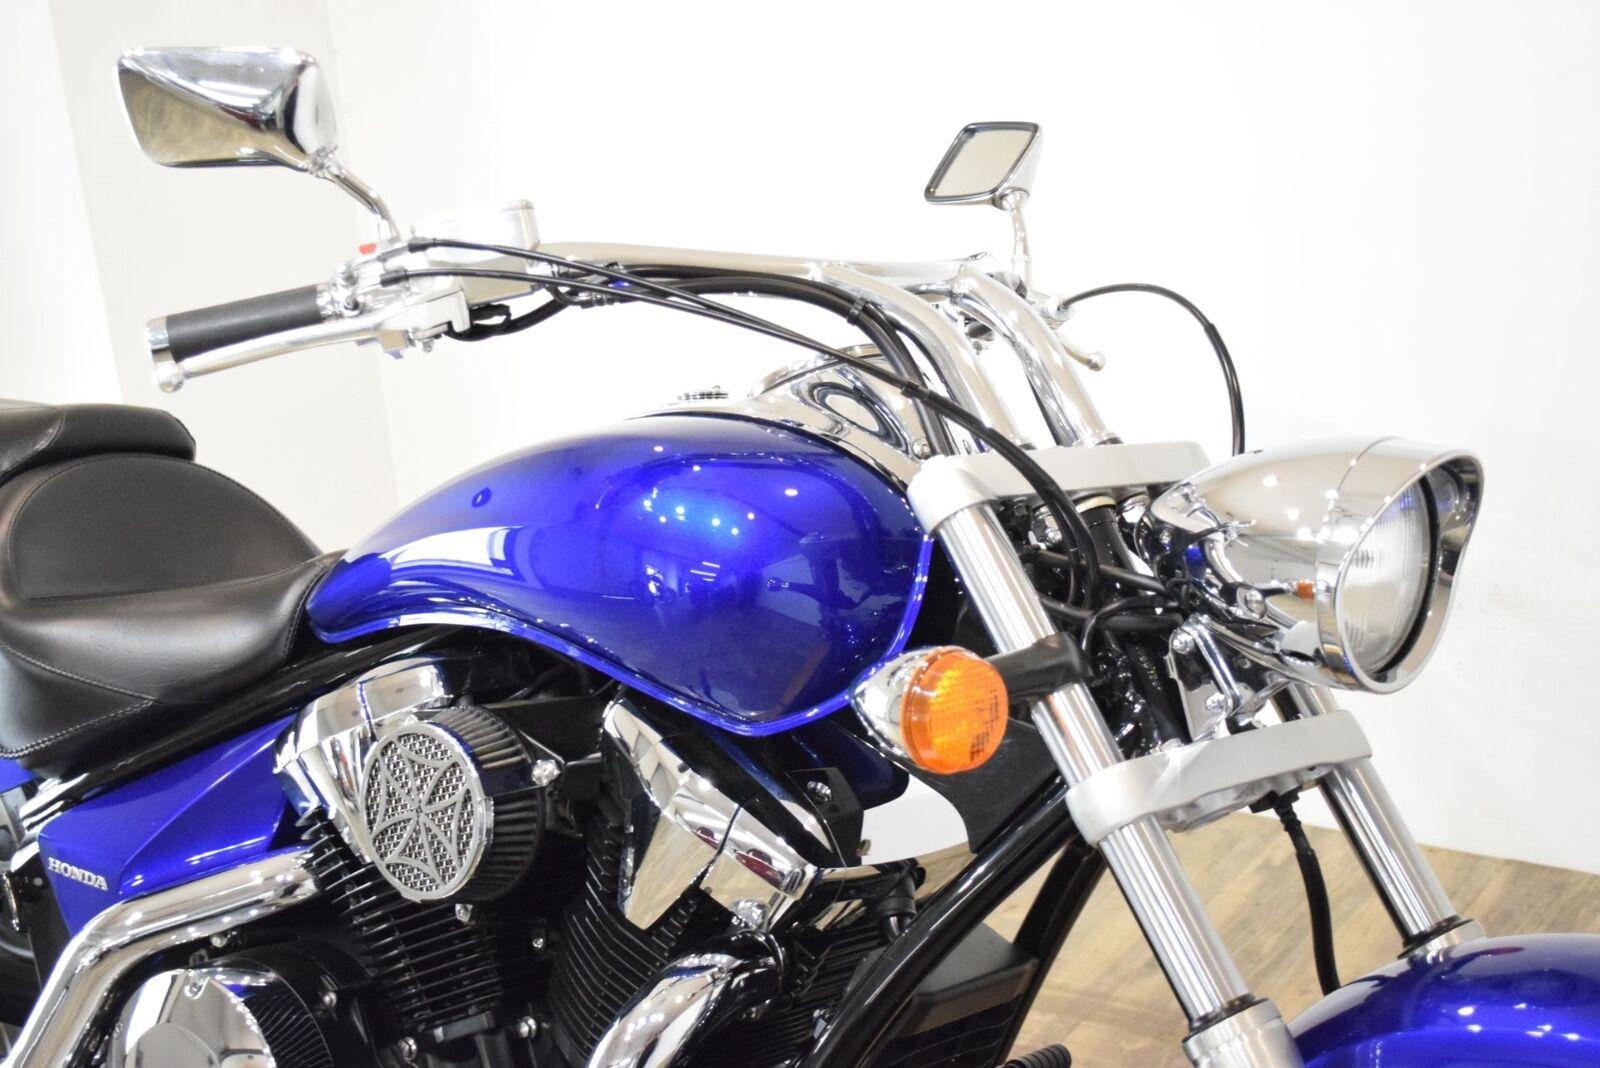 Thumbnail Image of 2015 Honda Stateline®